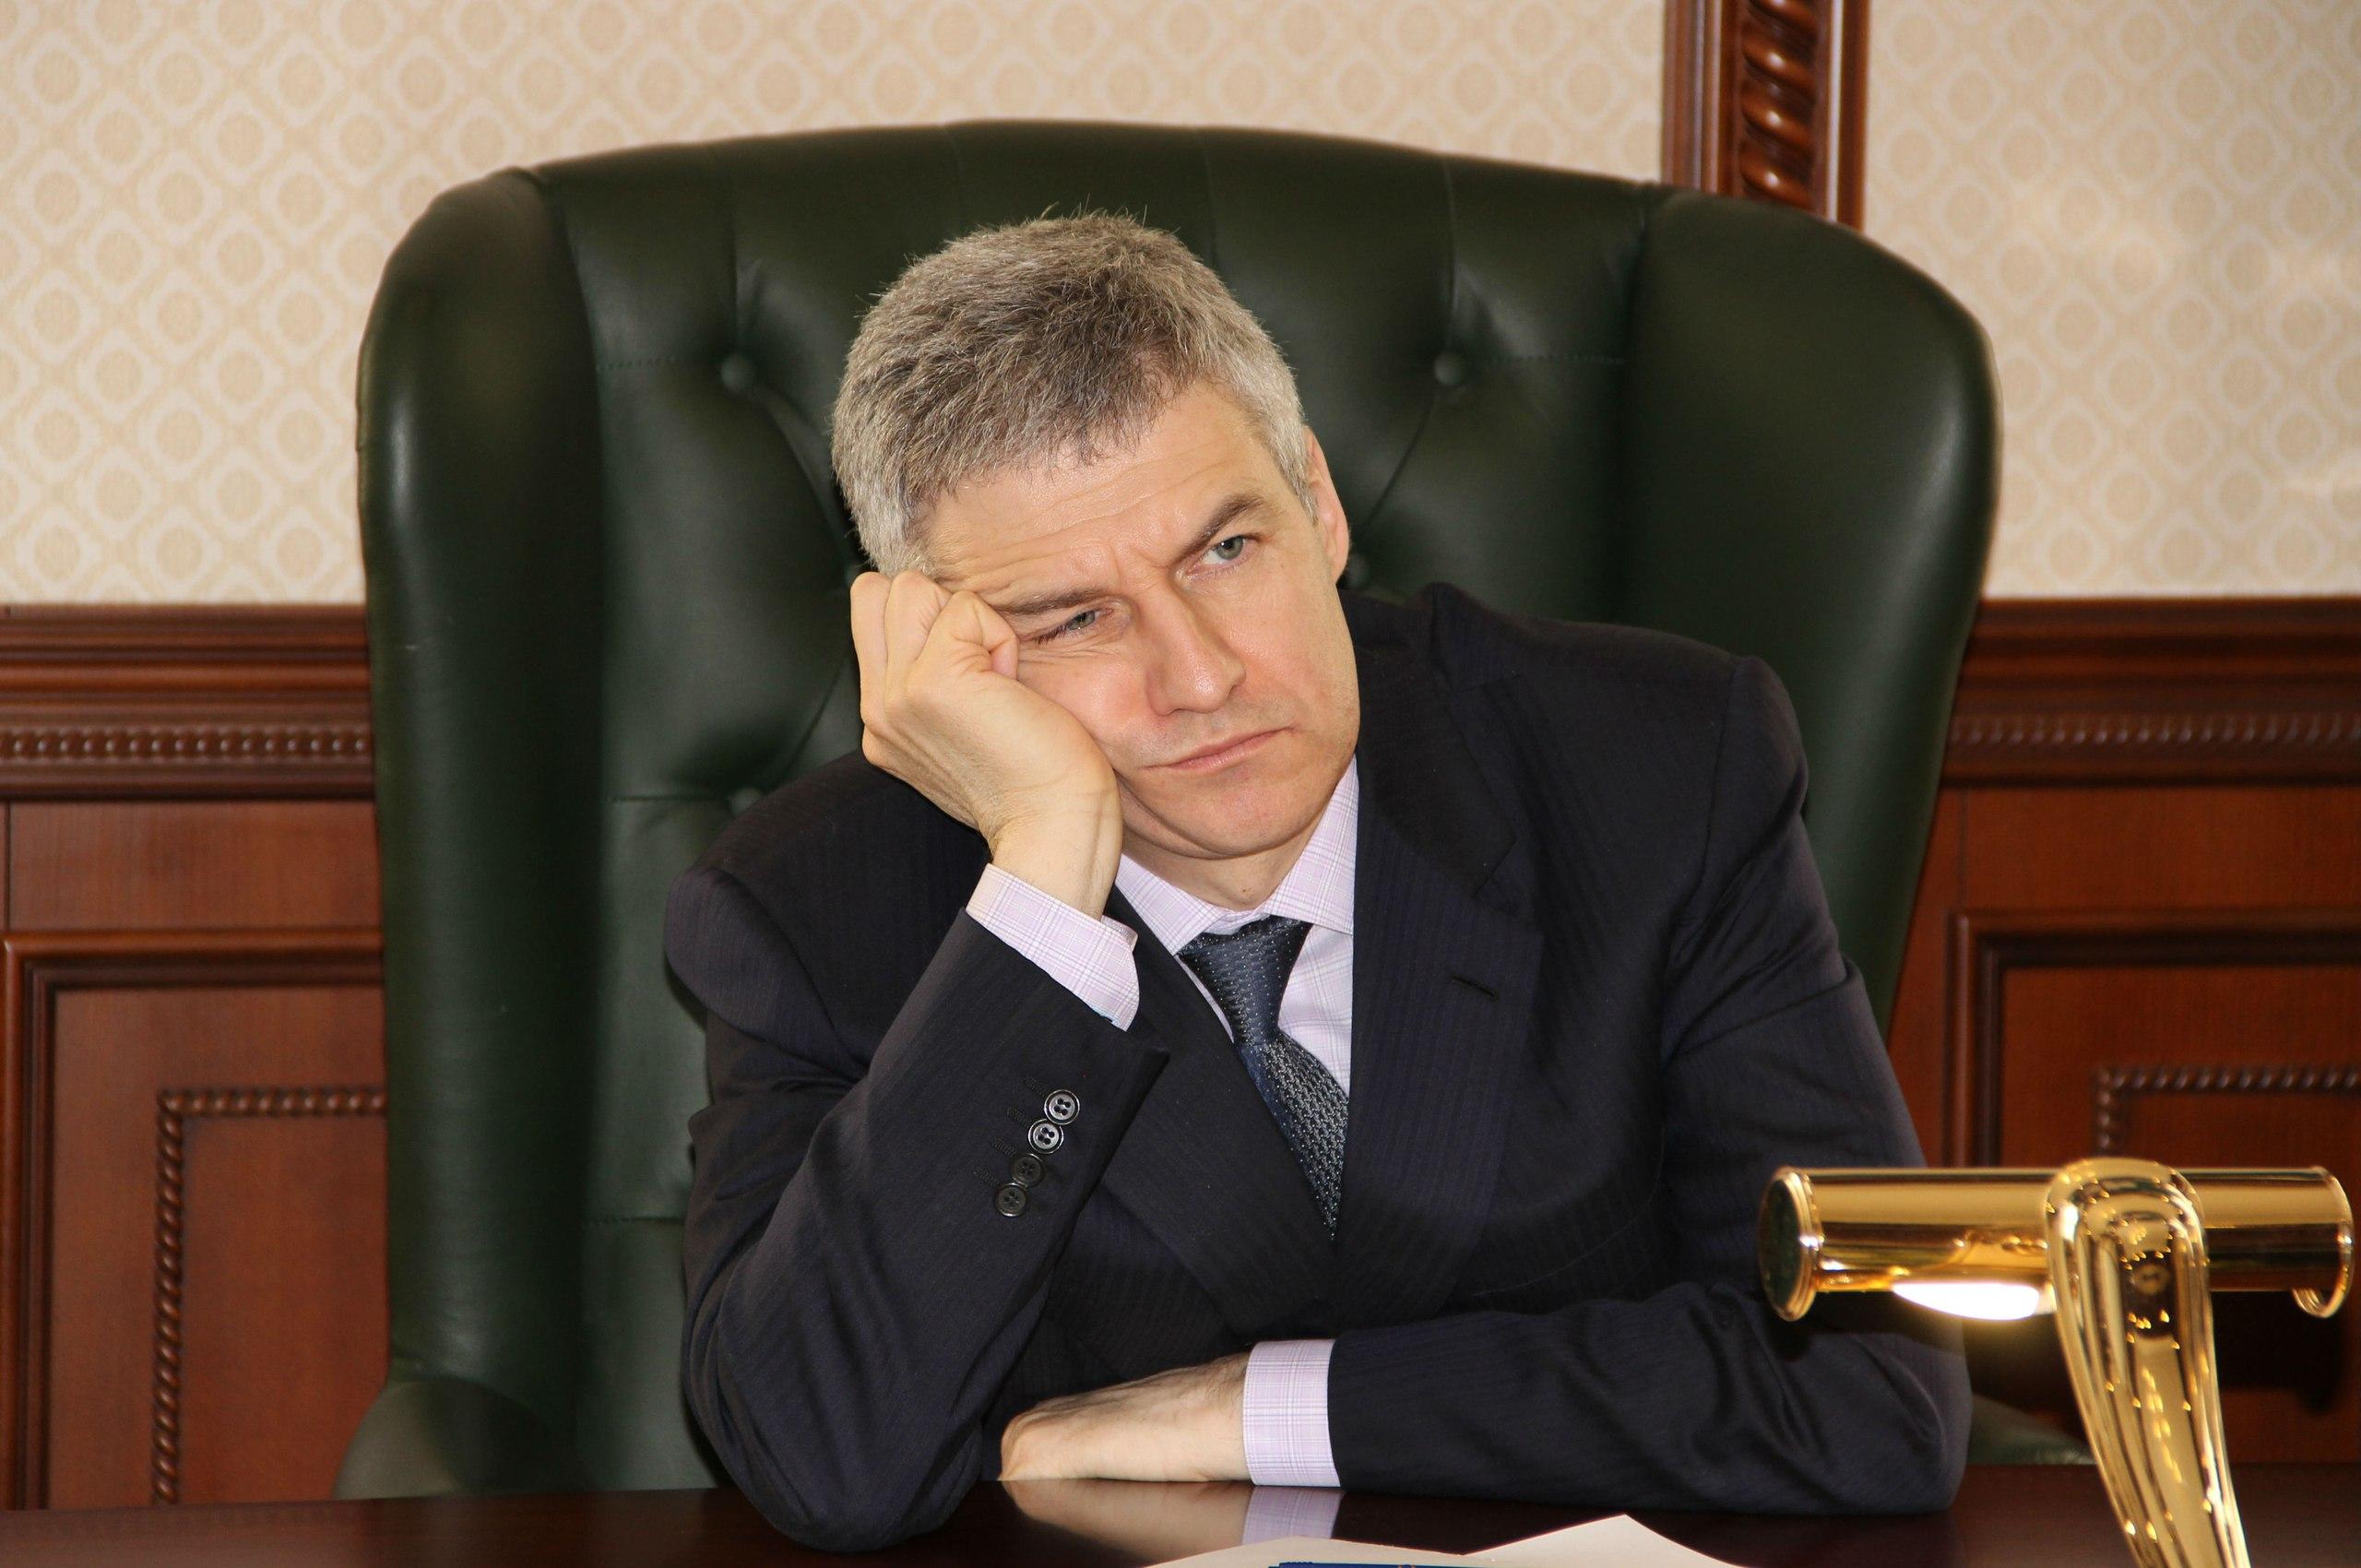 Временно исполняющий обязанности главы Карелии Артур Парфенчиков. Фото: Черника